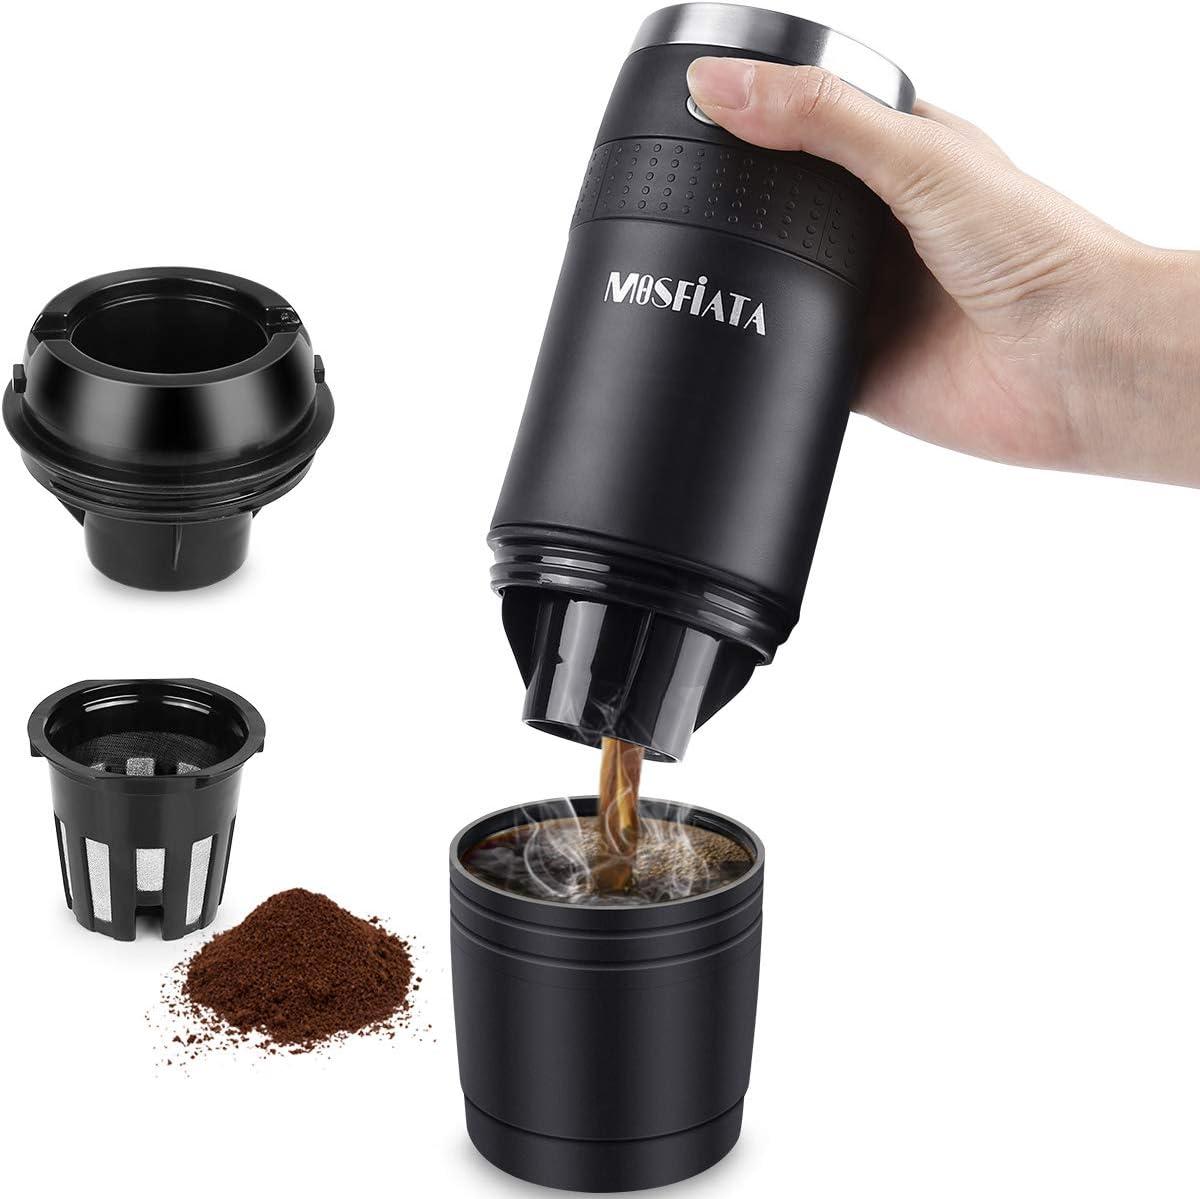 Cafetera portátil MOSFiATA, compatible con cápsulas K-Cup y ...